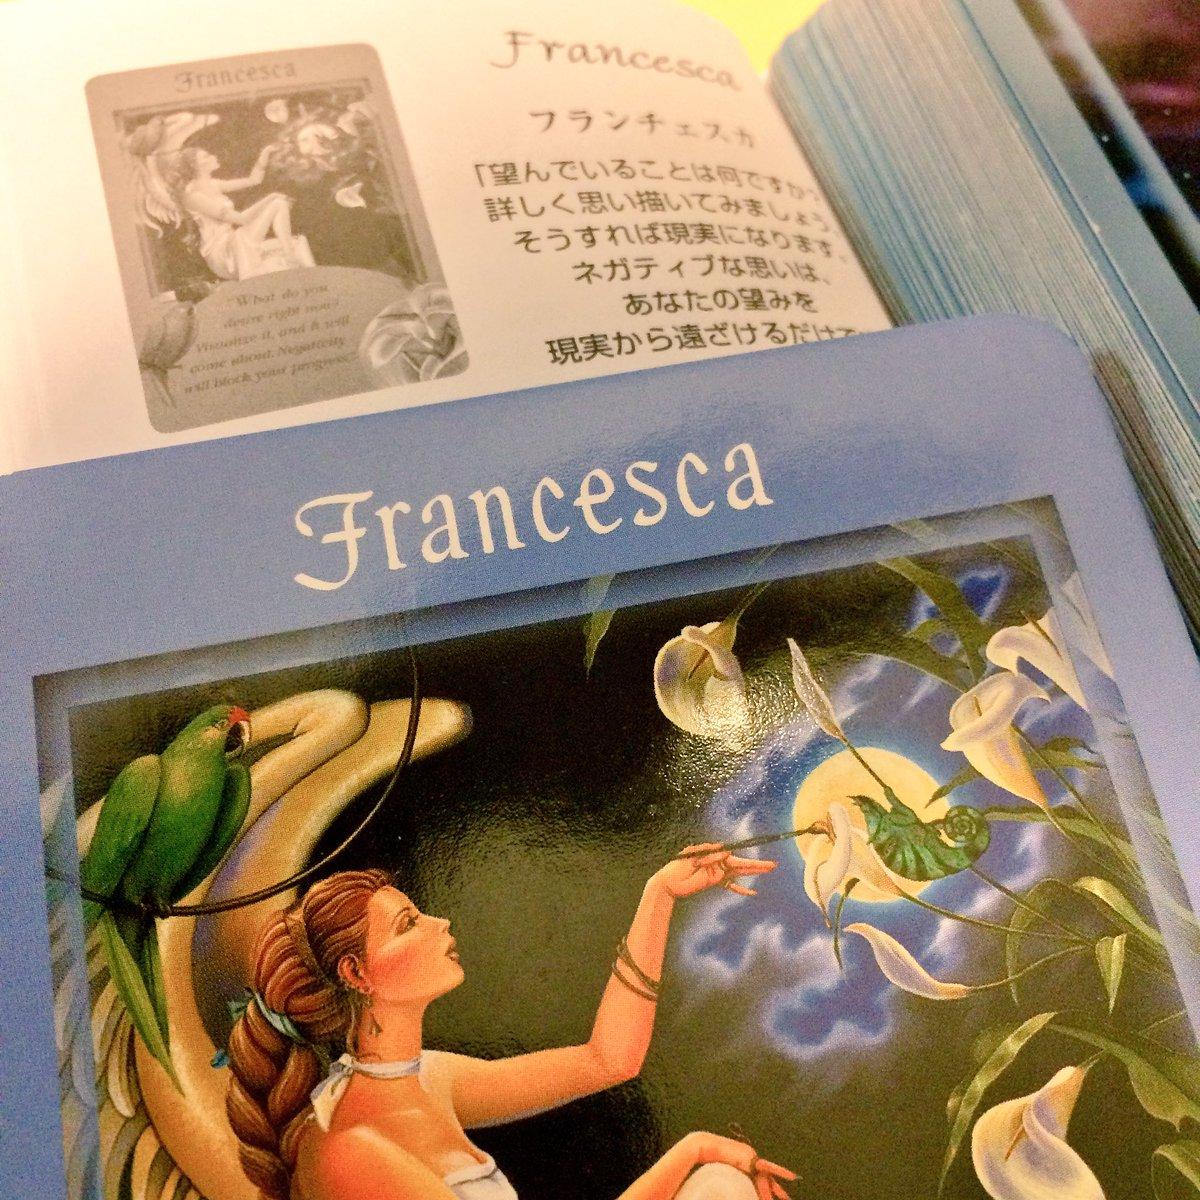 おはようございます。本日の #オラクルカード 一枚引きはこちら!「フランチェスカ」ヒントをもらっても実際に動かなければ意